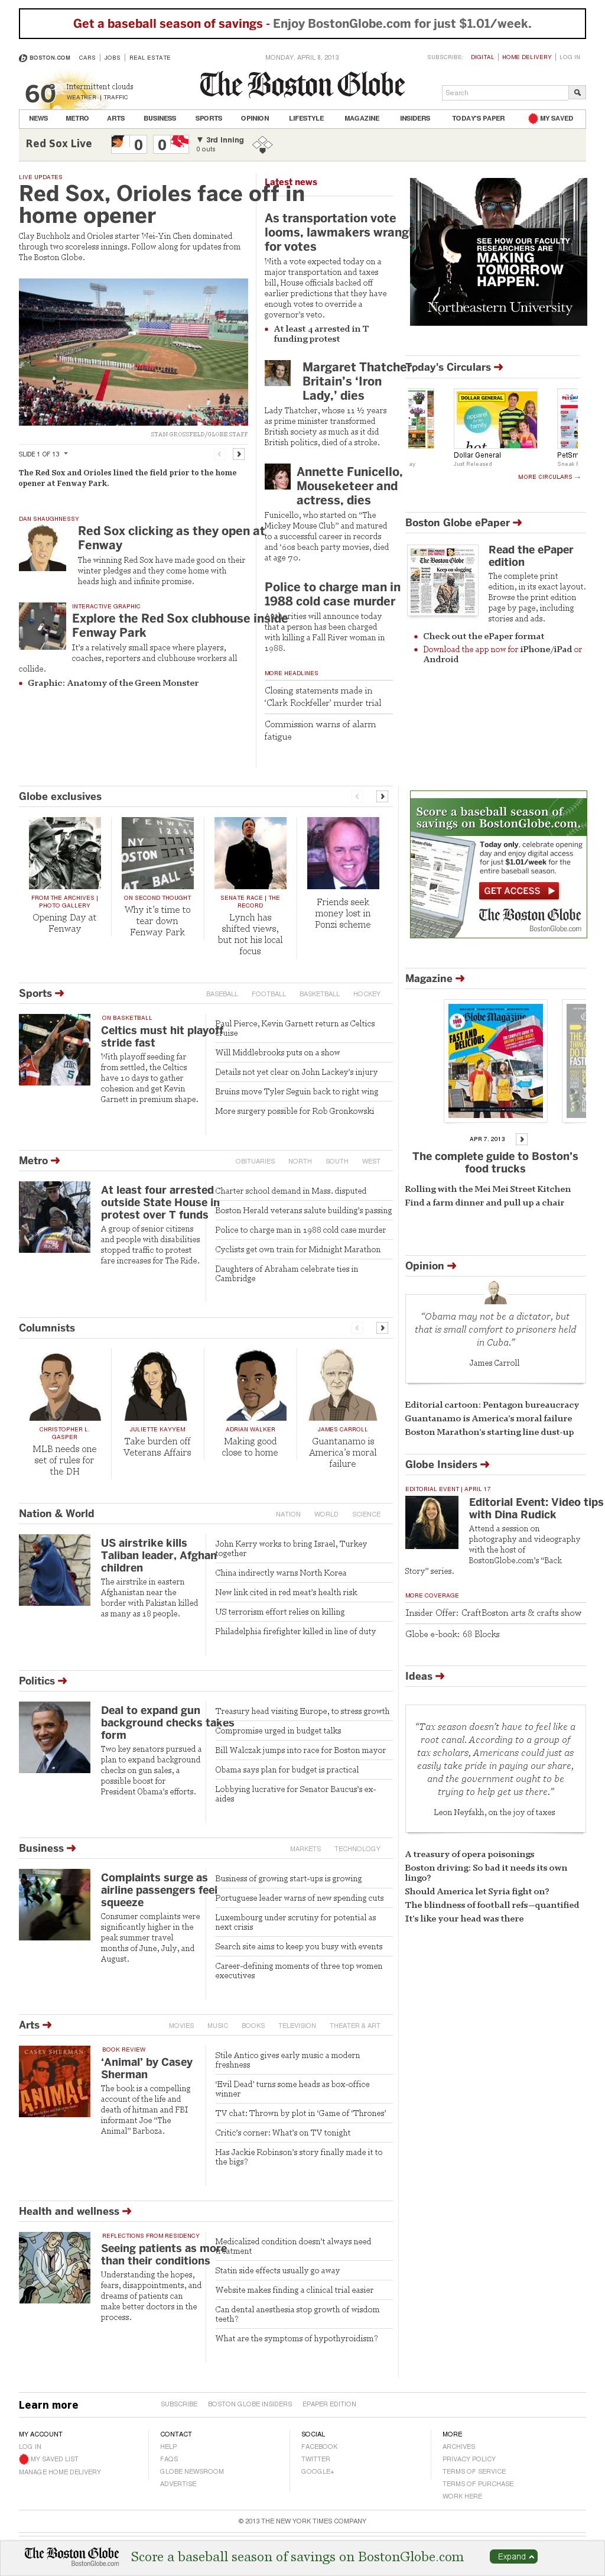 The Boston Globe at Monday April 8, 2013, 7:02 p.m. UTC